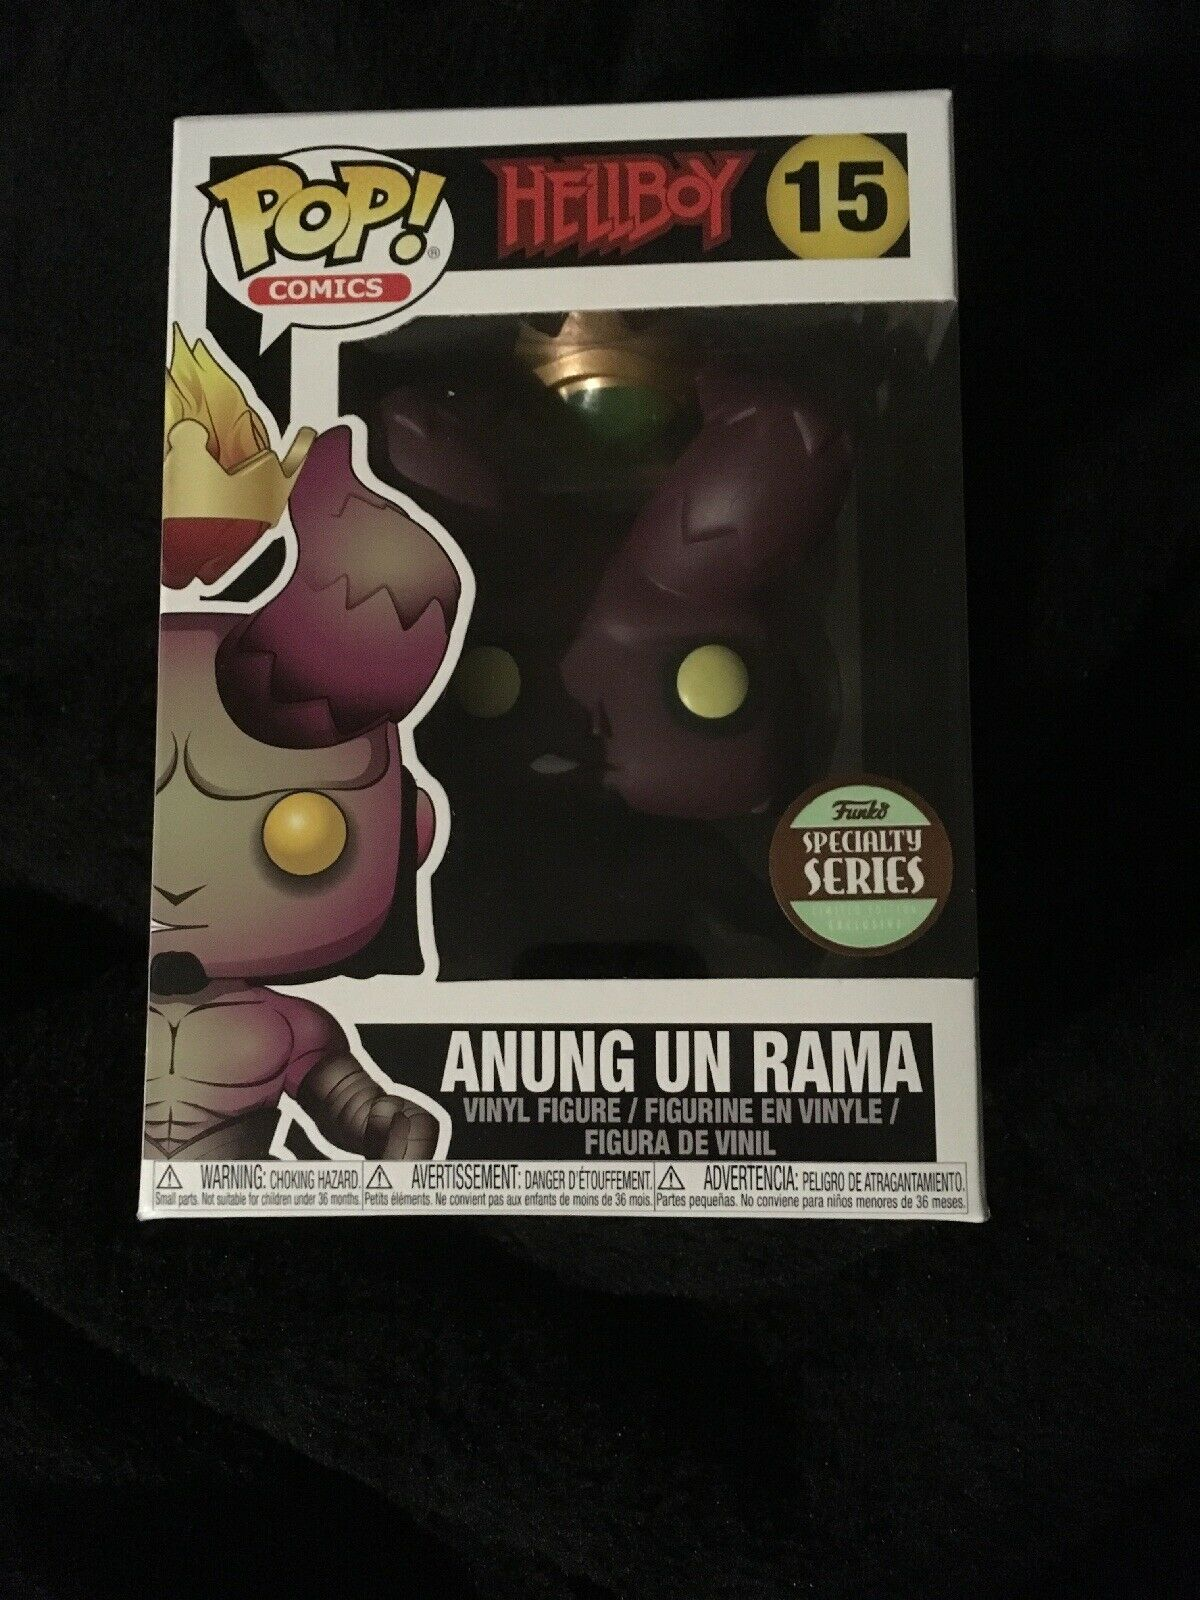 Hellboy Anung Un Rama Funko Pop Exclusive Specialty Series